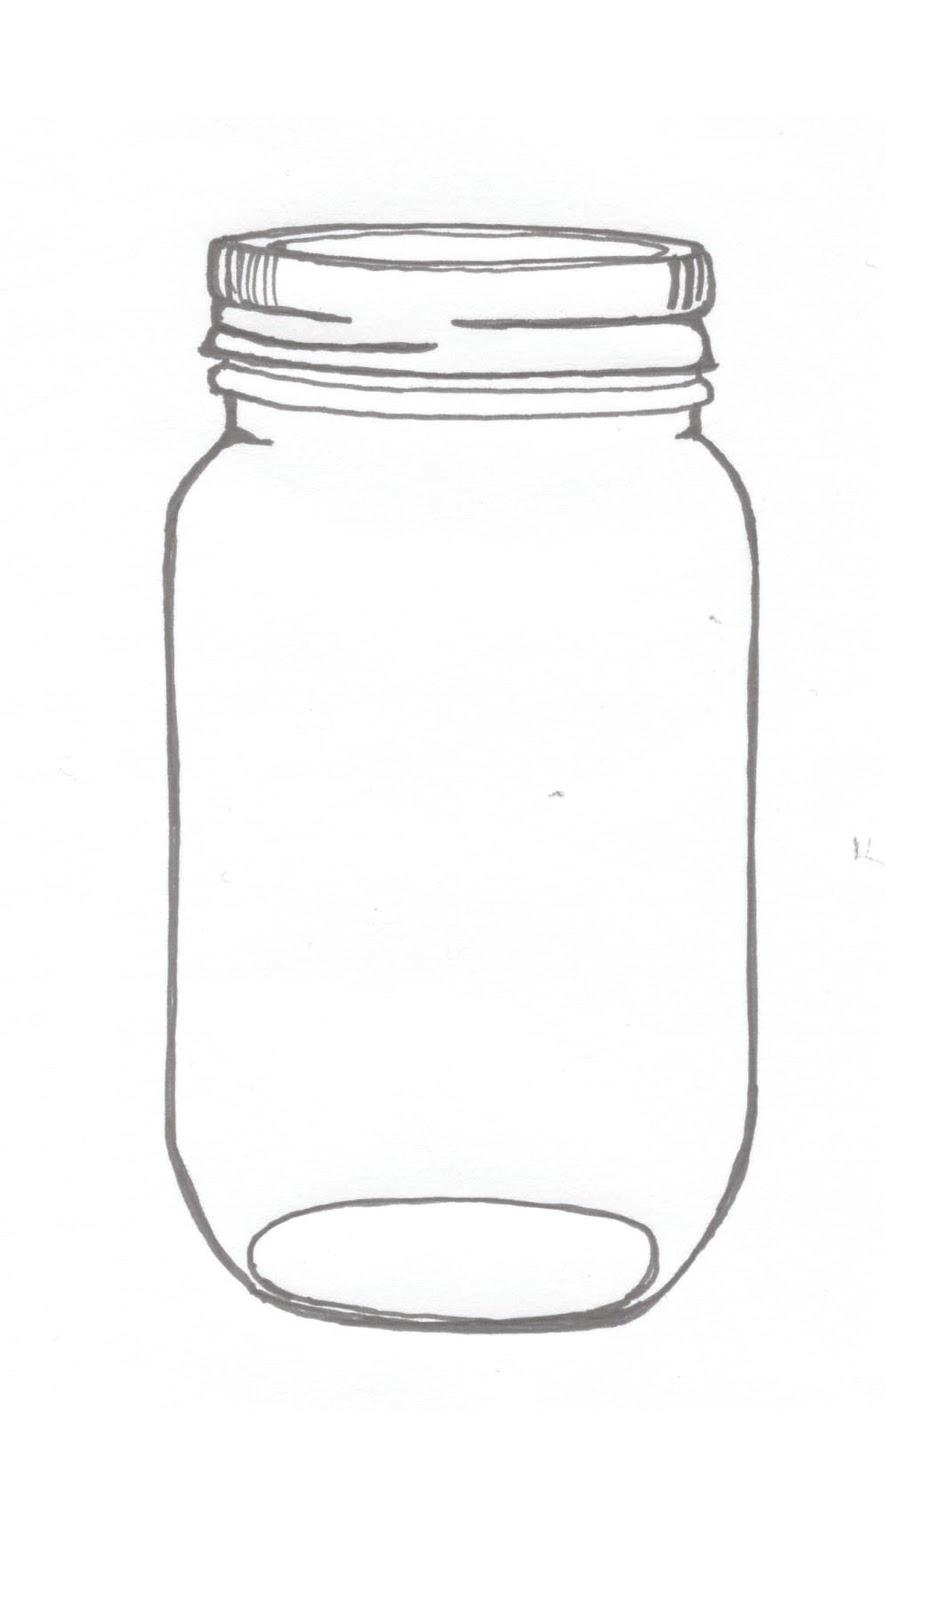 Mason Jar clipart Vectors and jar  jars